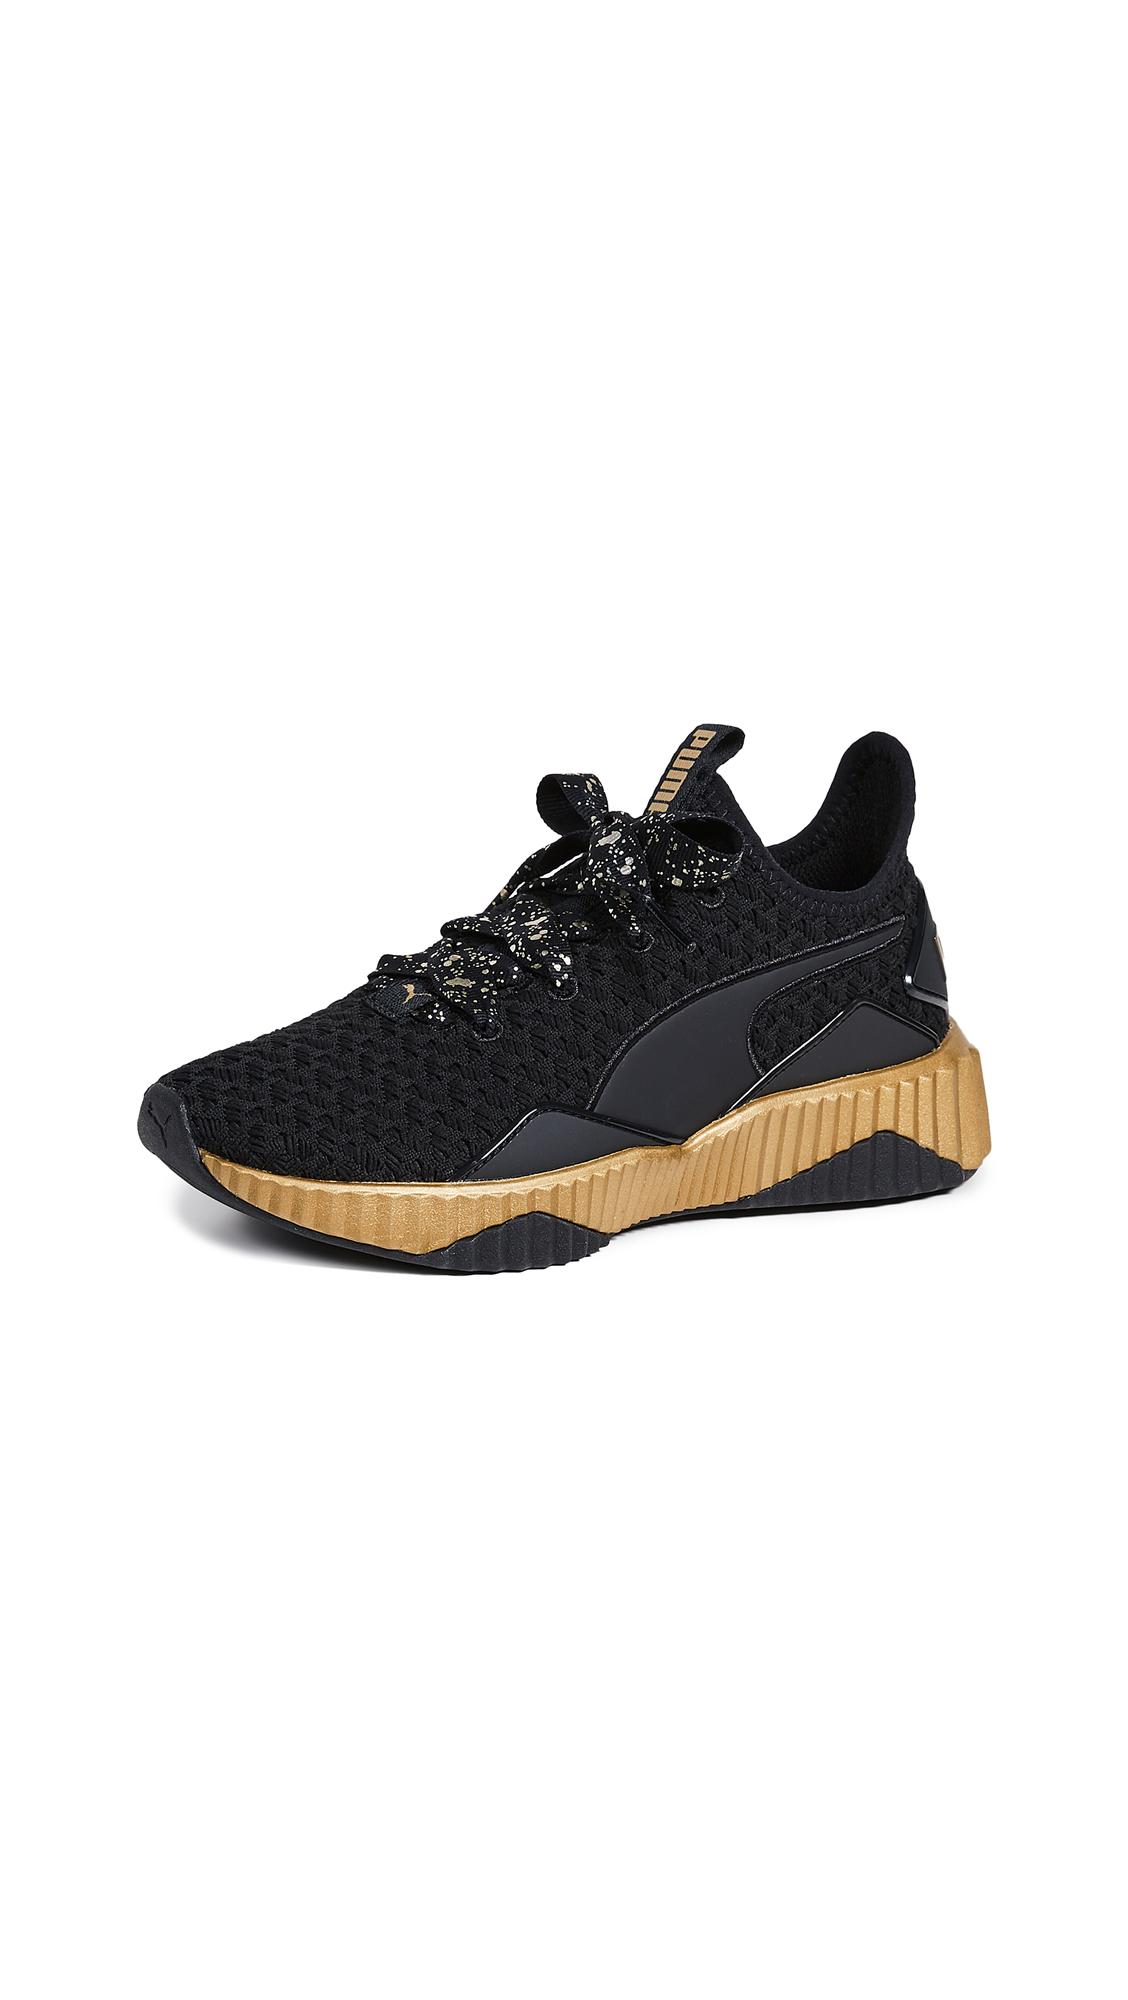 PUMA Defy Sparkle Sneakers - Puma Black/Puma Team Gold